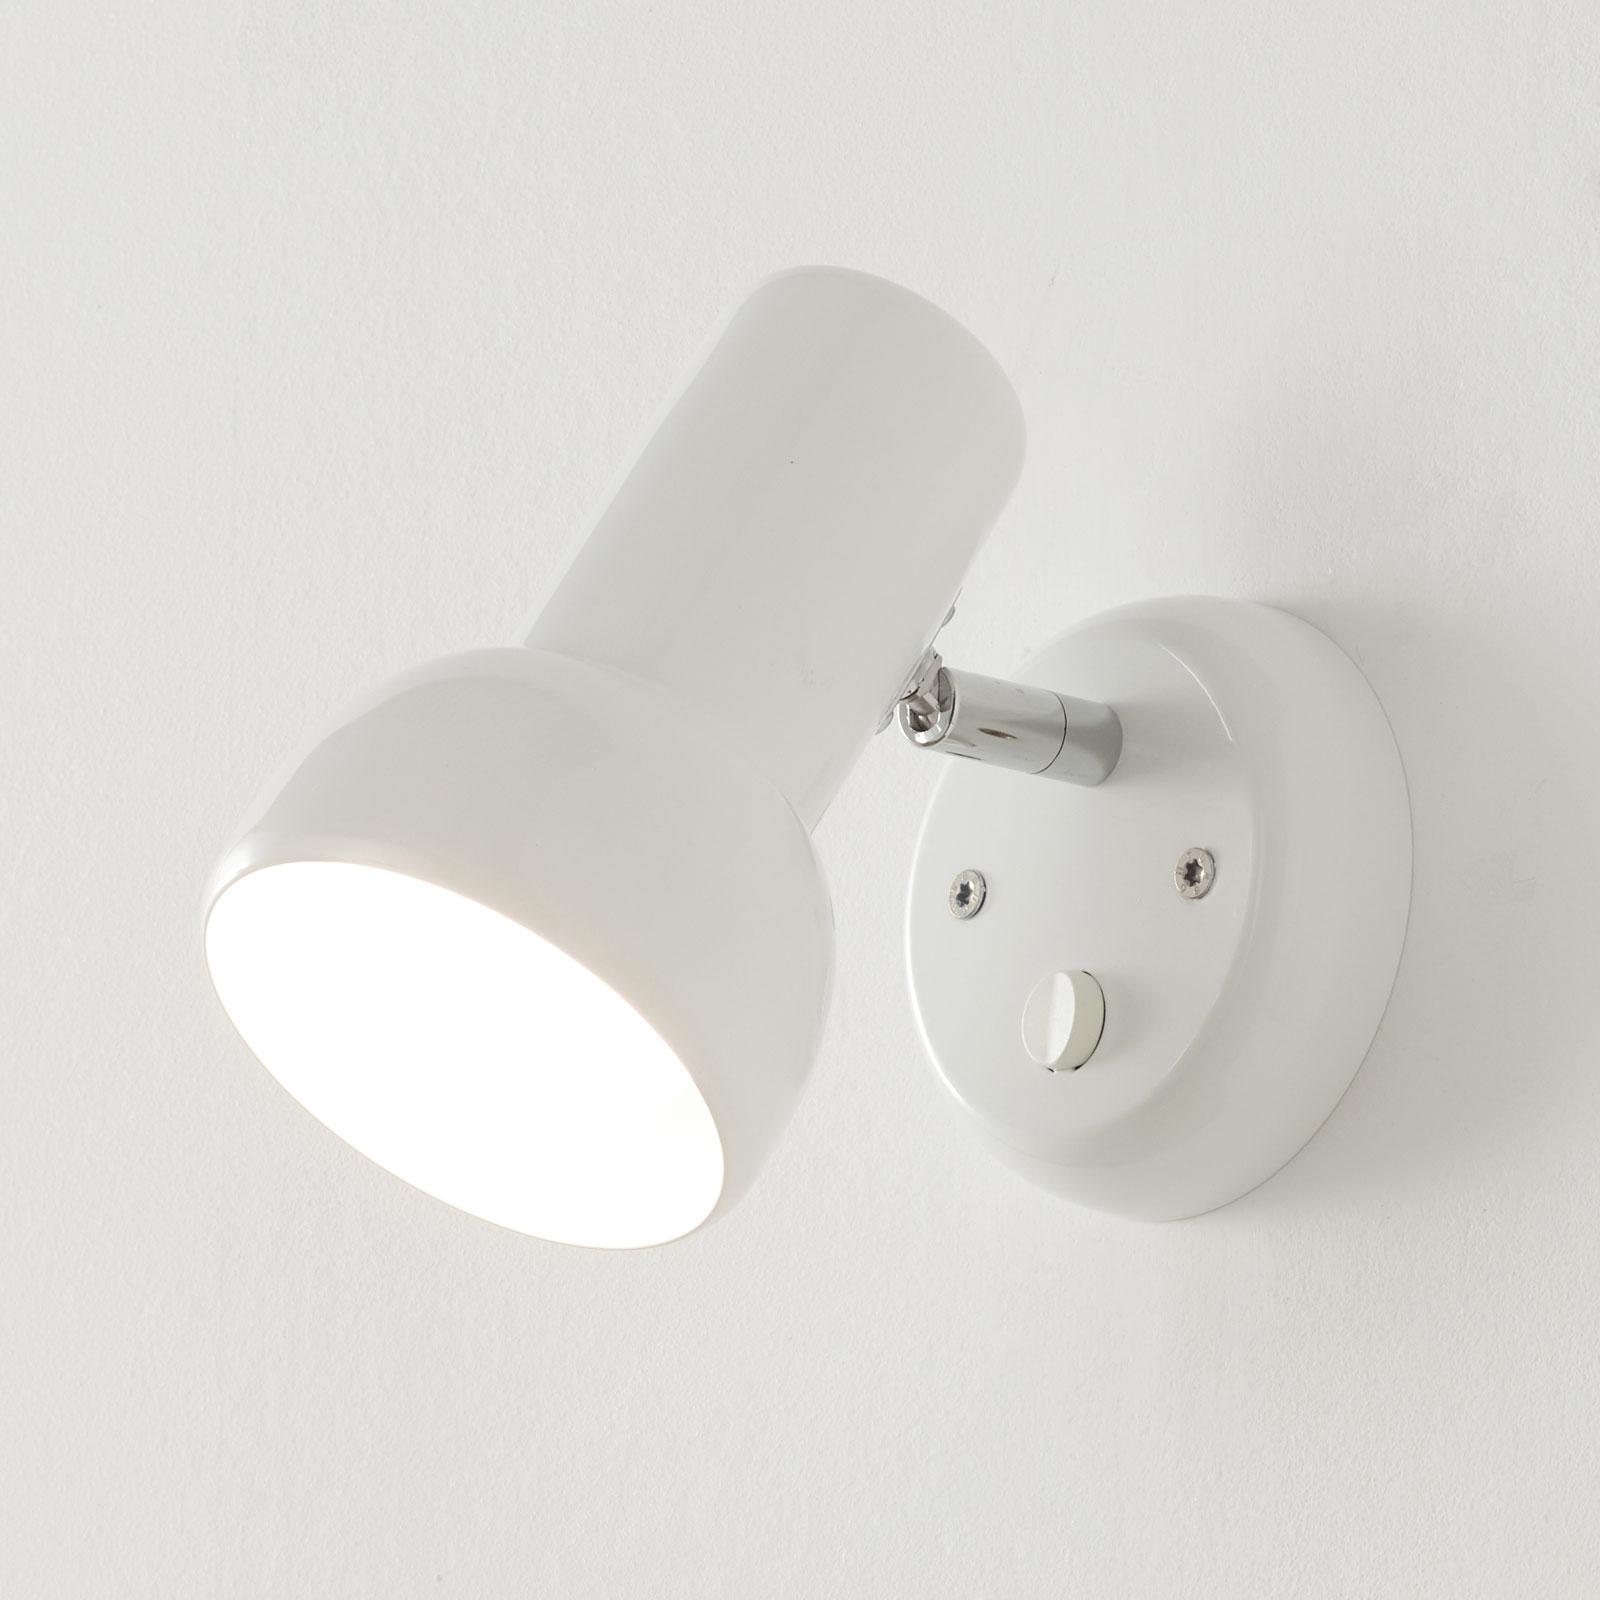 Foco de pared EIFEL clásico, con interruptor